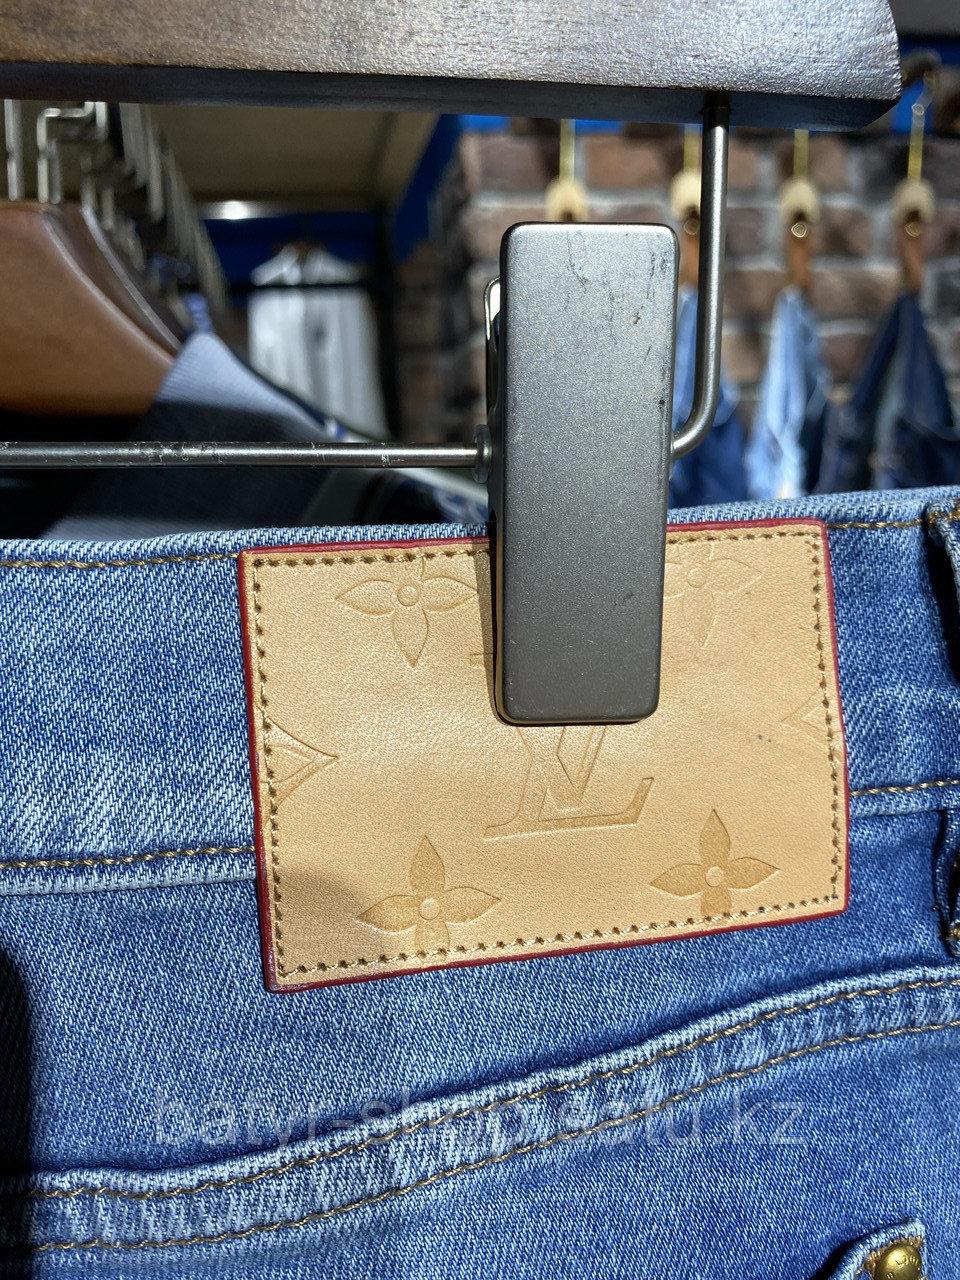 Джинсы Louis Vuitton (0064) - фото 5